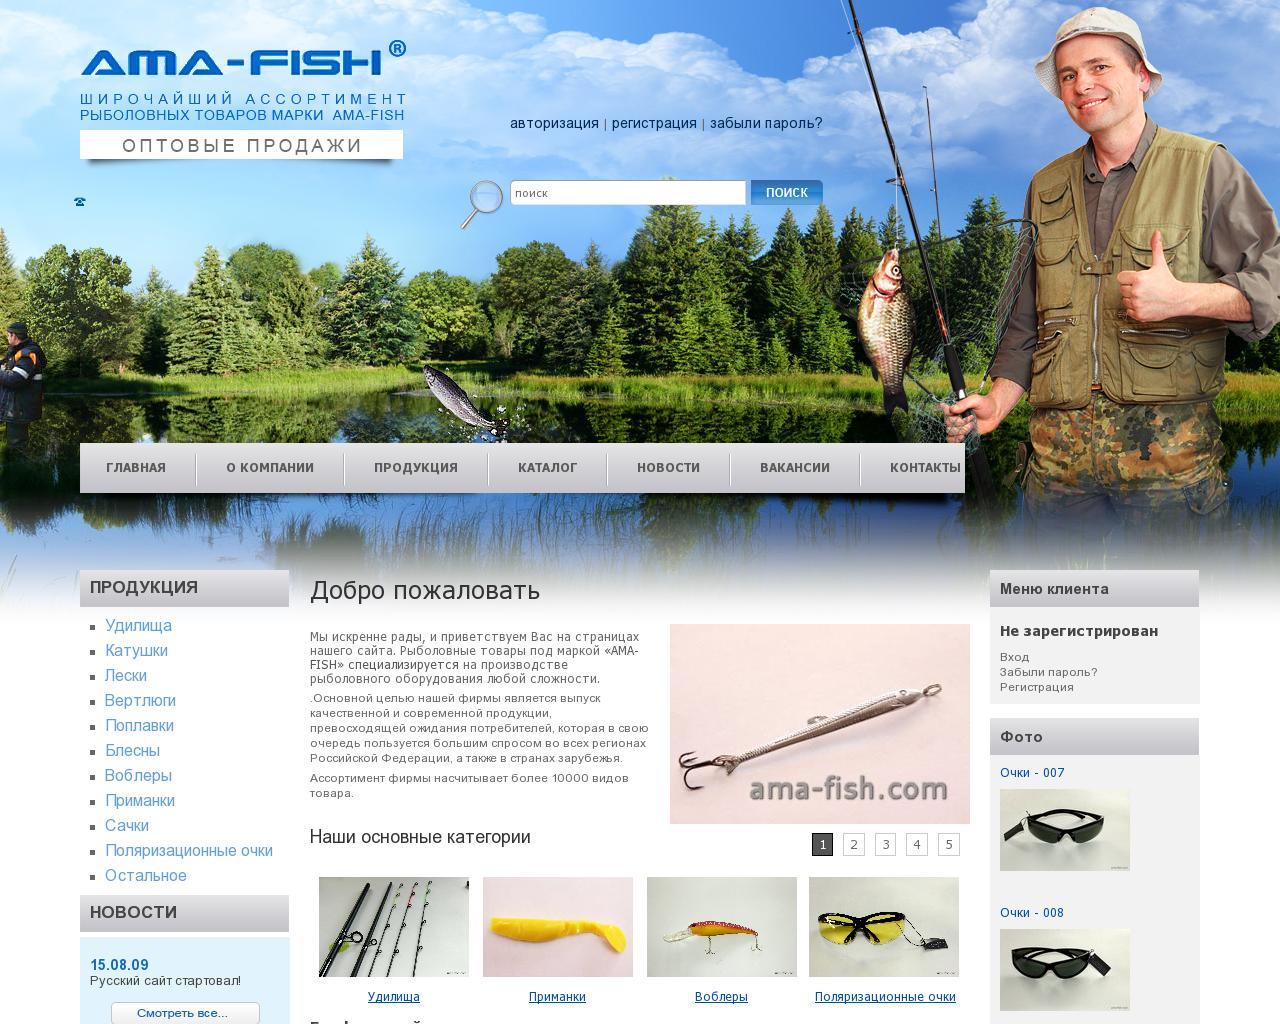 Главный рыболовный сайт россии